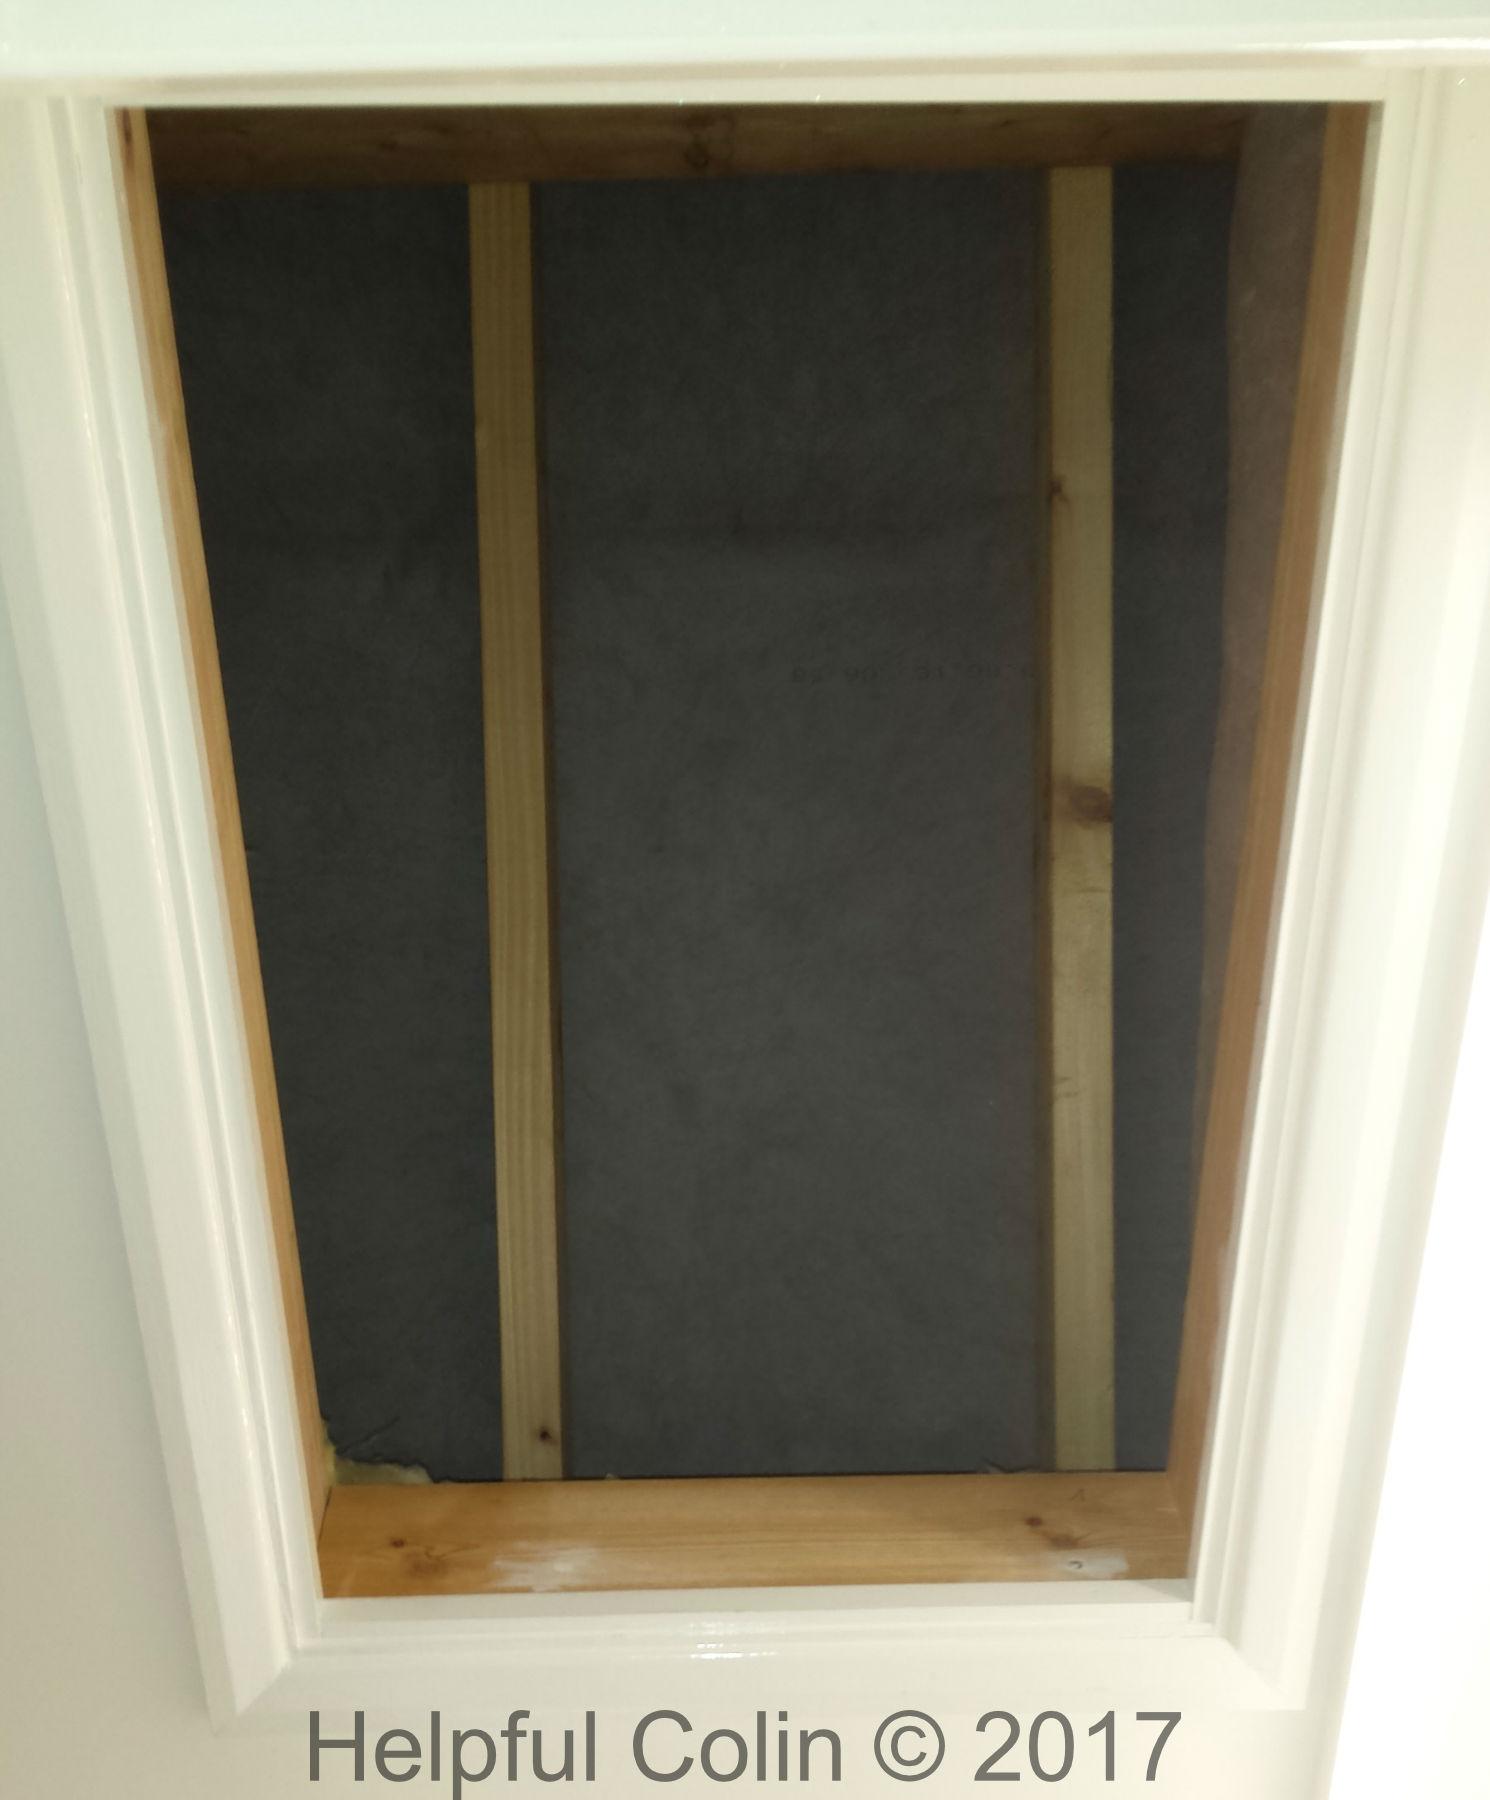 Loft with trapdoor open